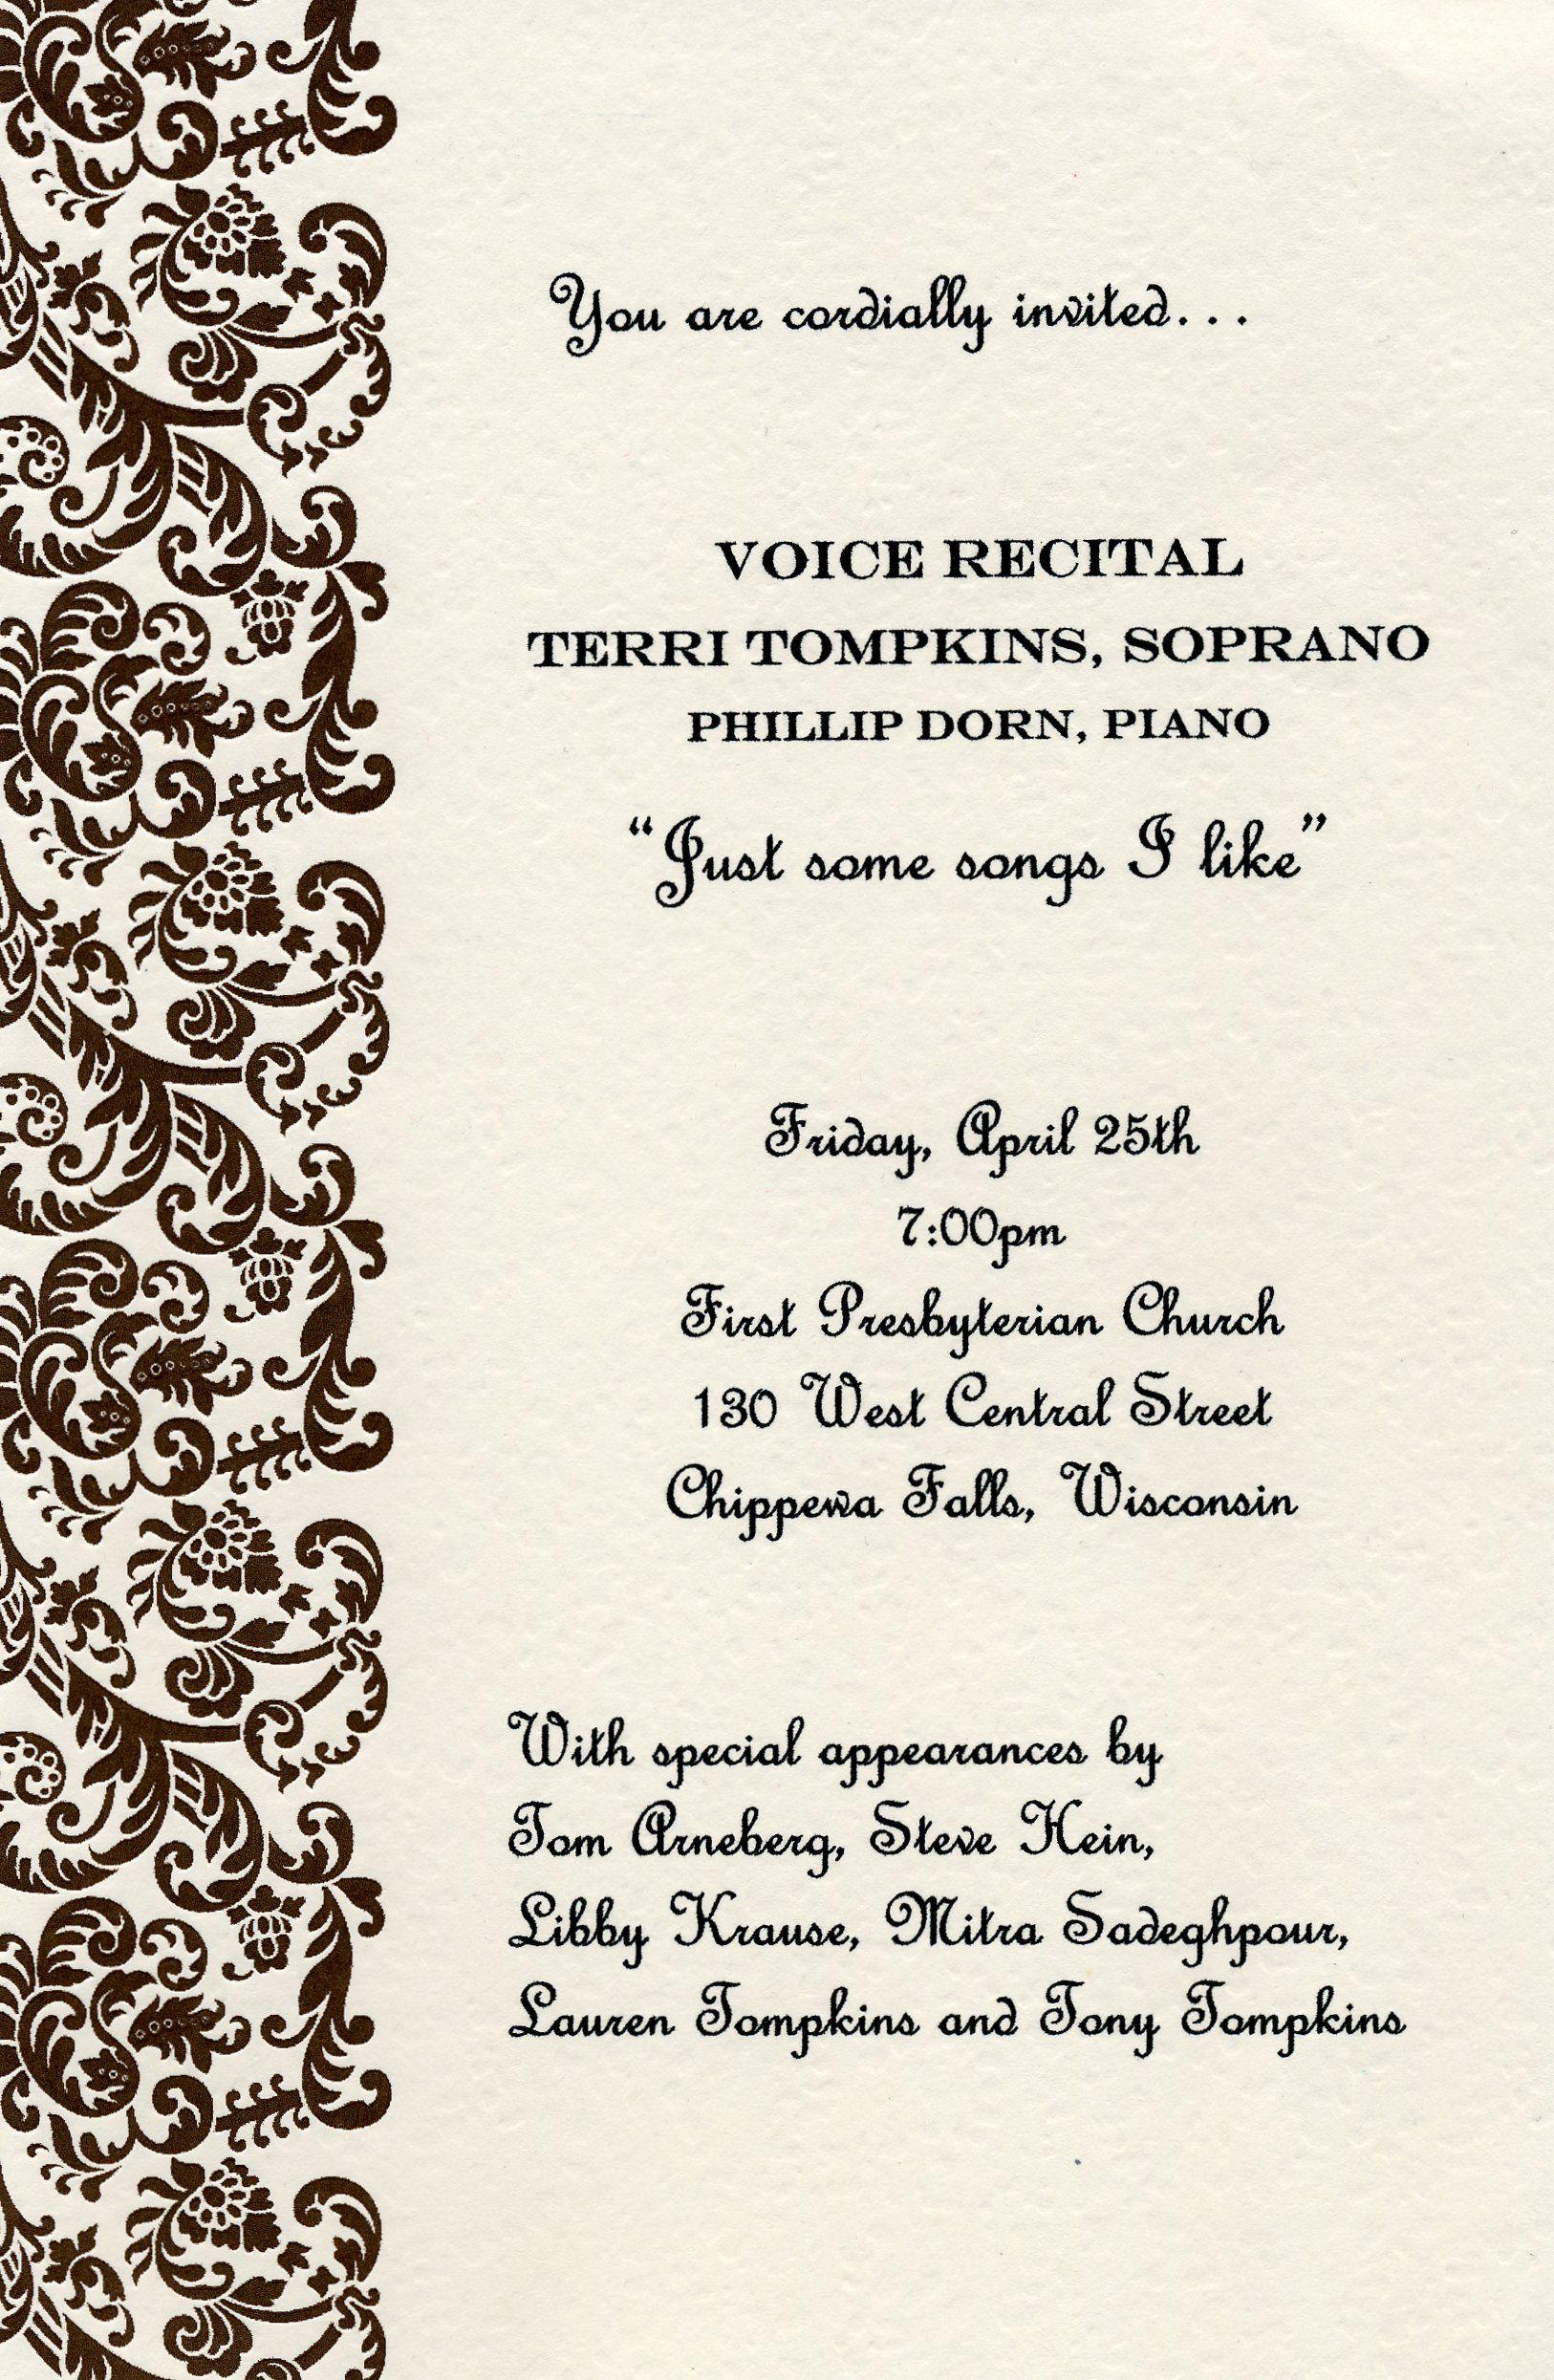 voice recital program template